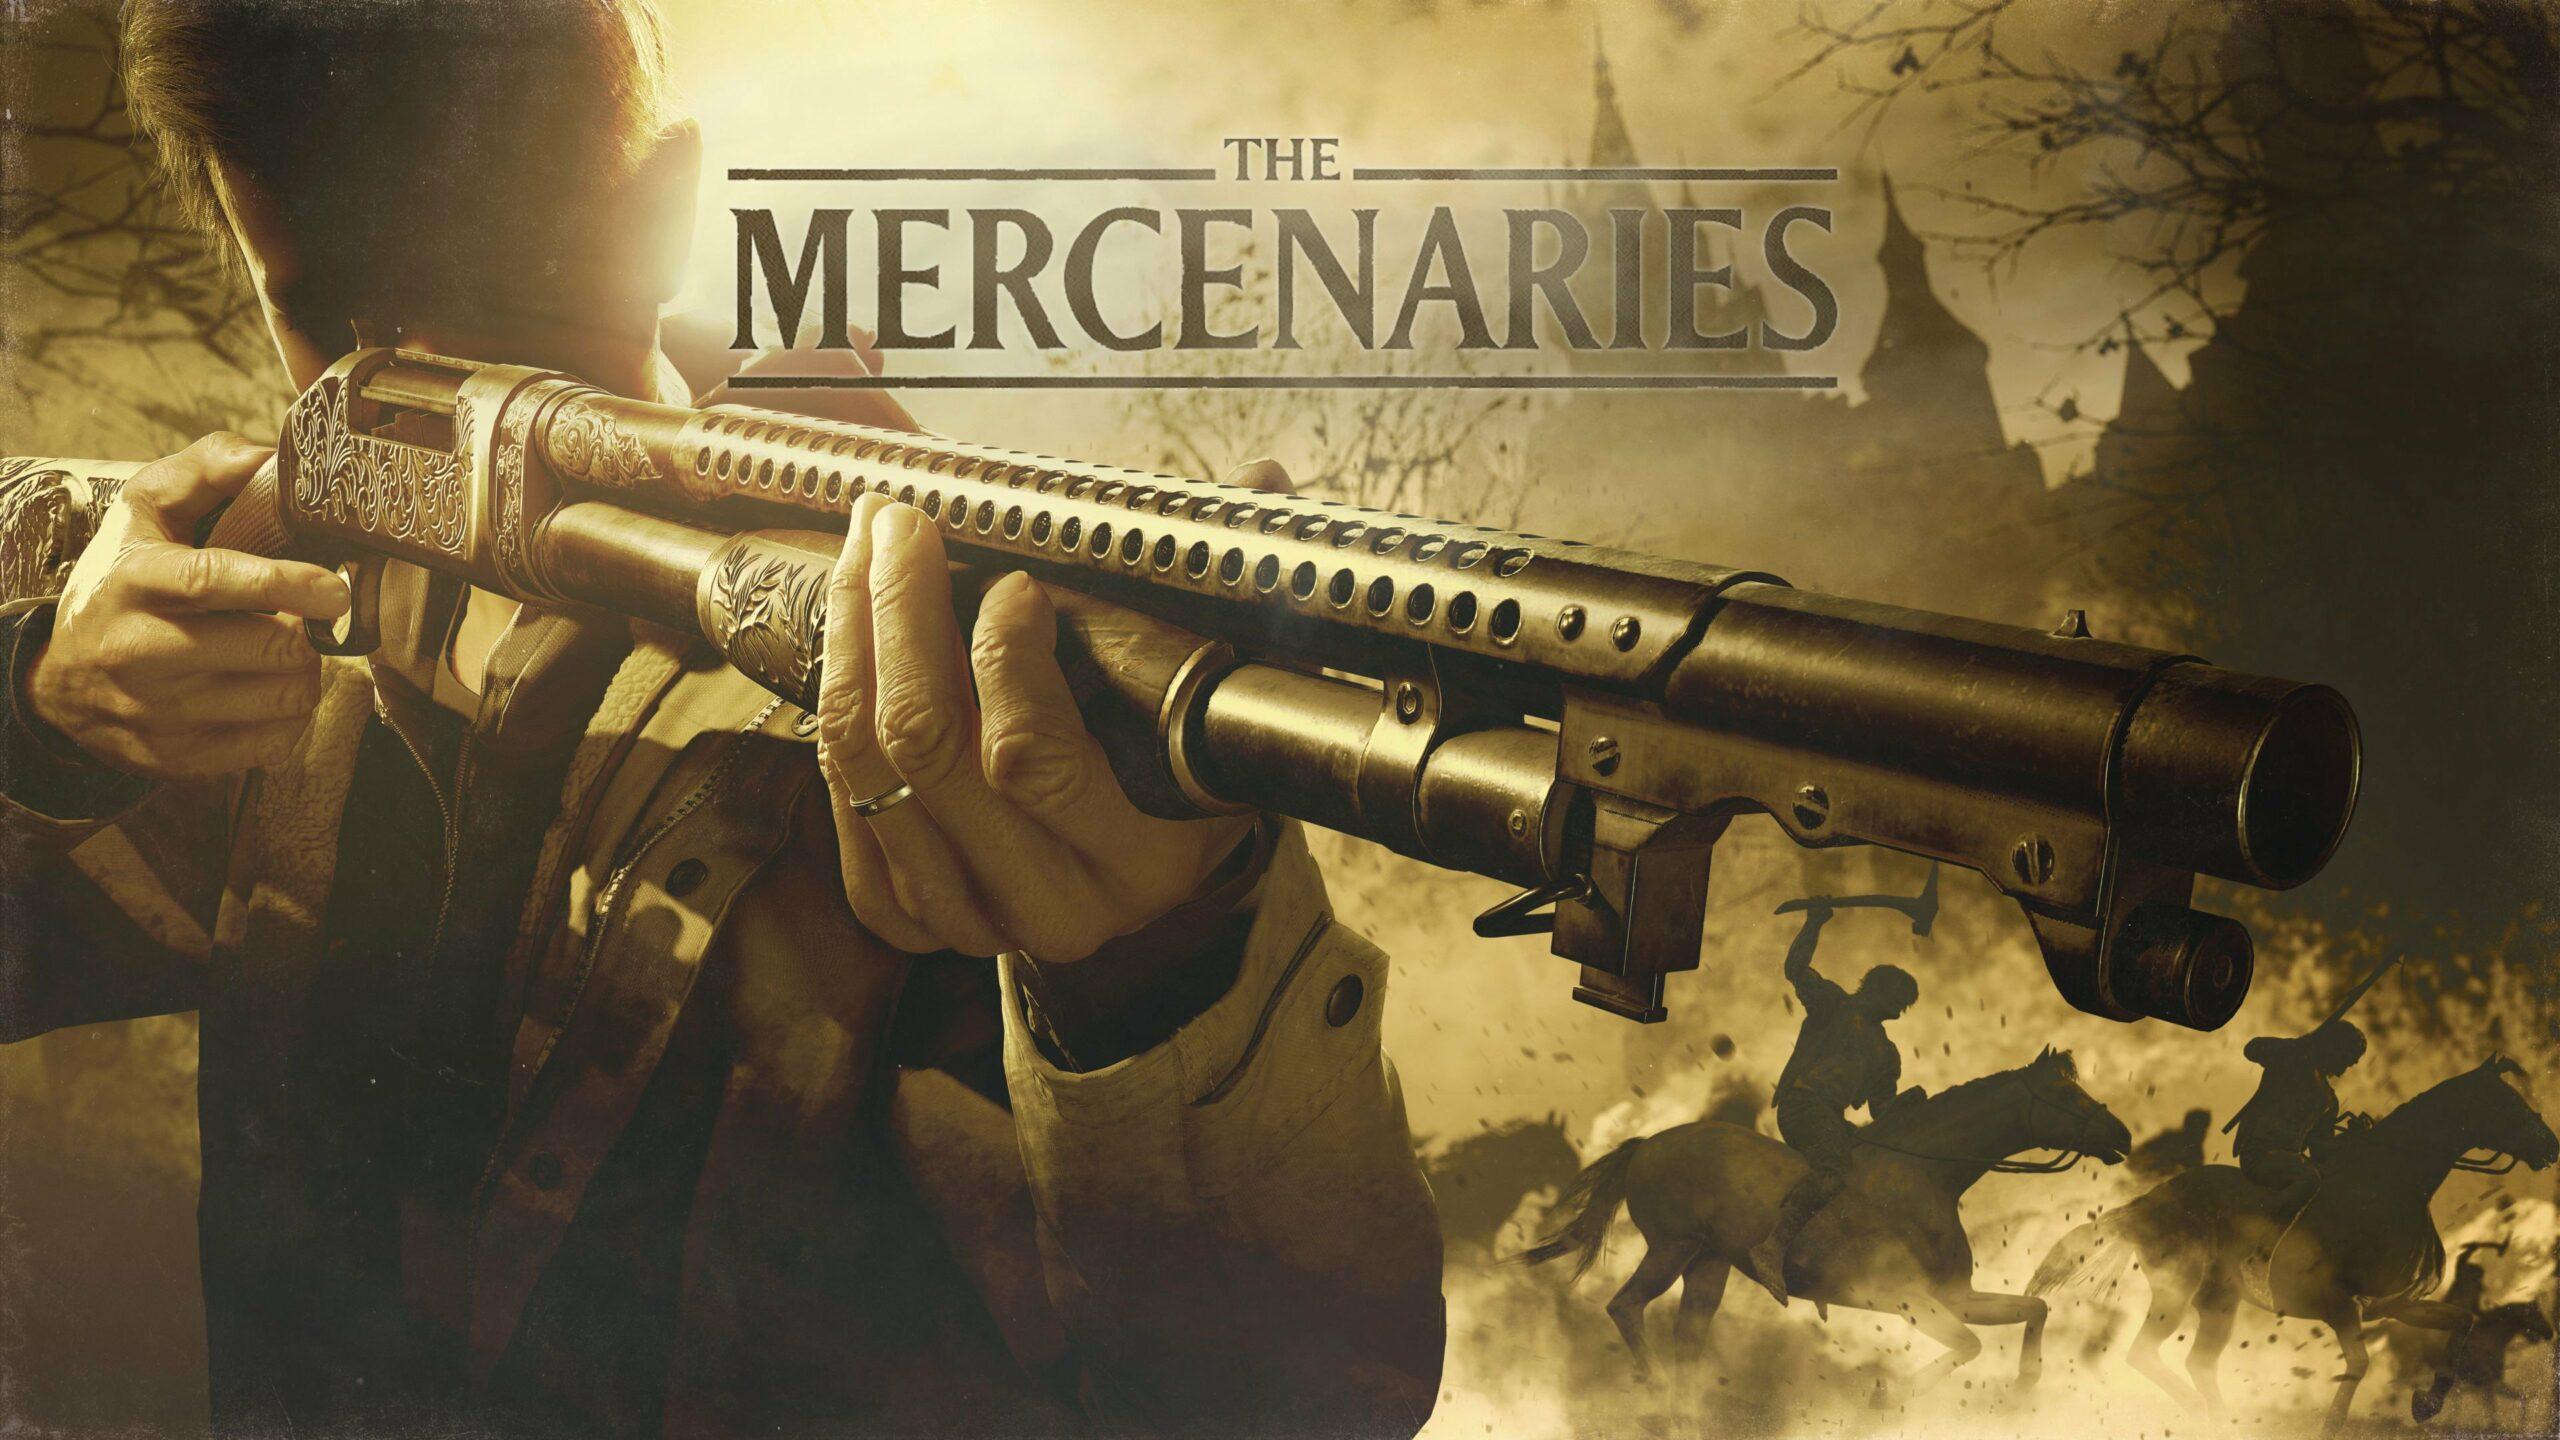 Resident Evil Village: The Mercenaries wallpaper